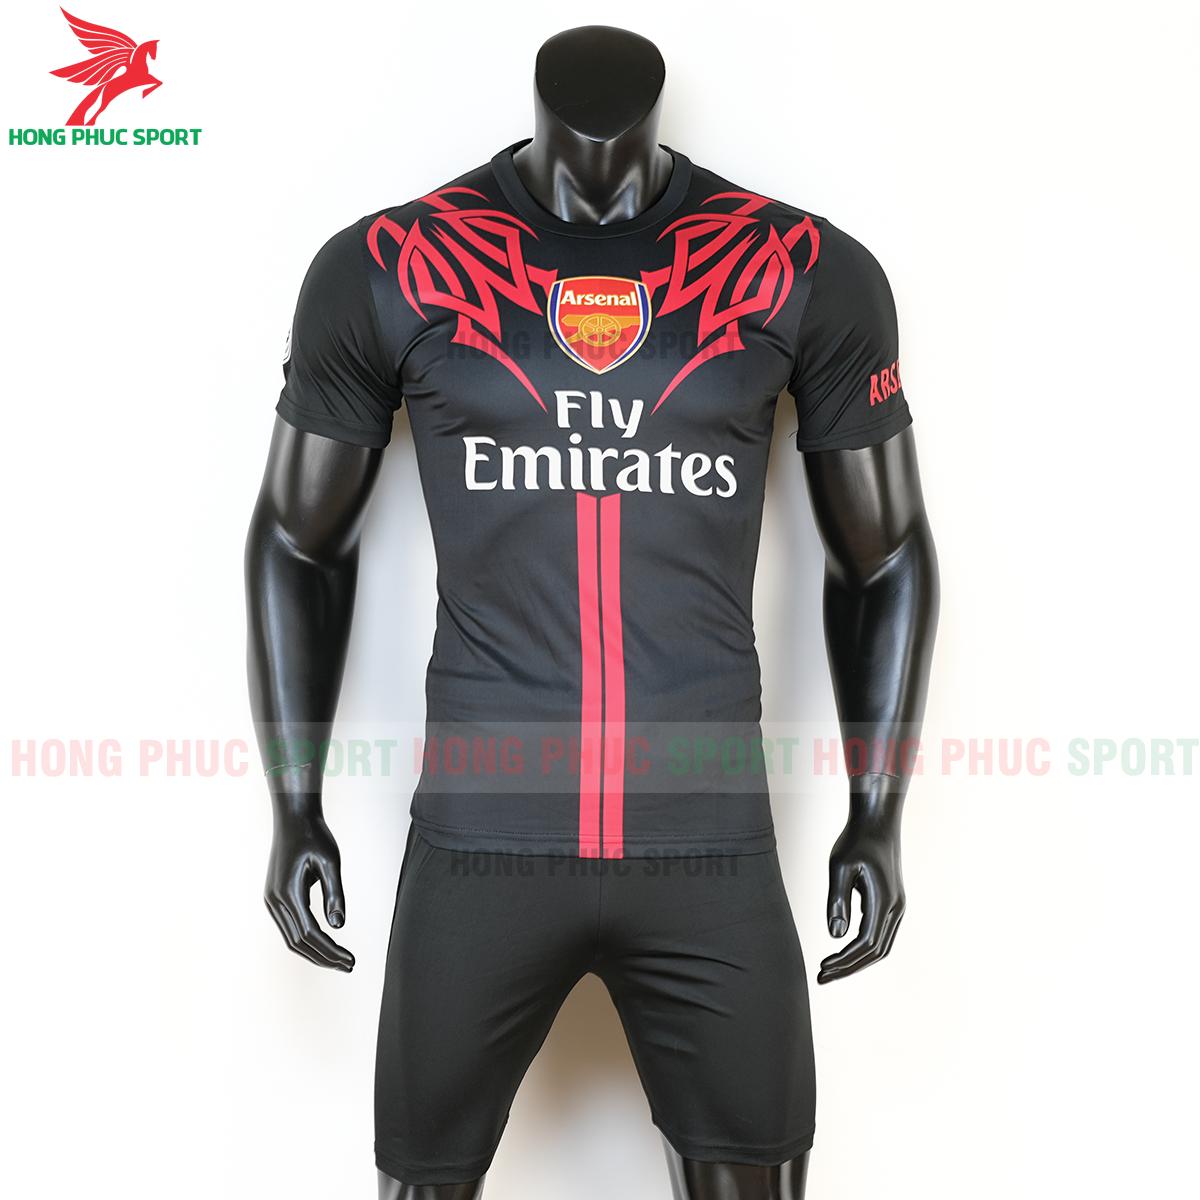 áo đấu Arsenal phiên bản Fan mẫu 7 (trước)